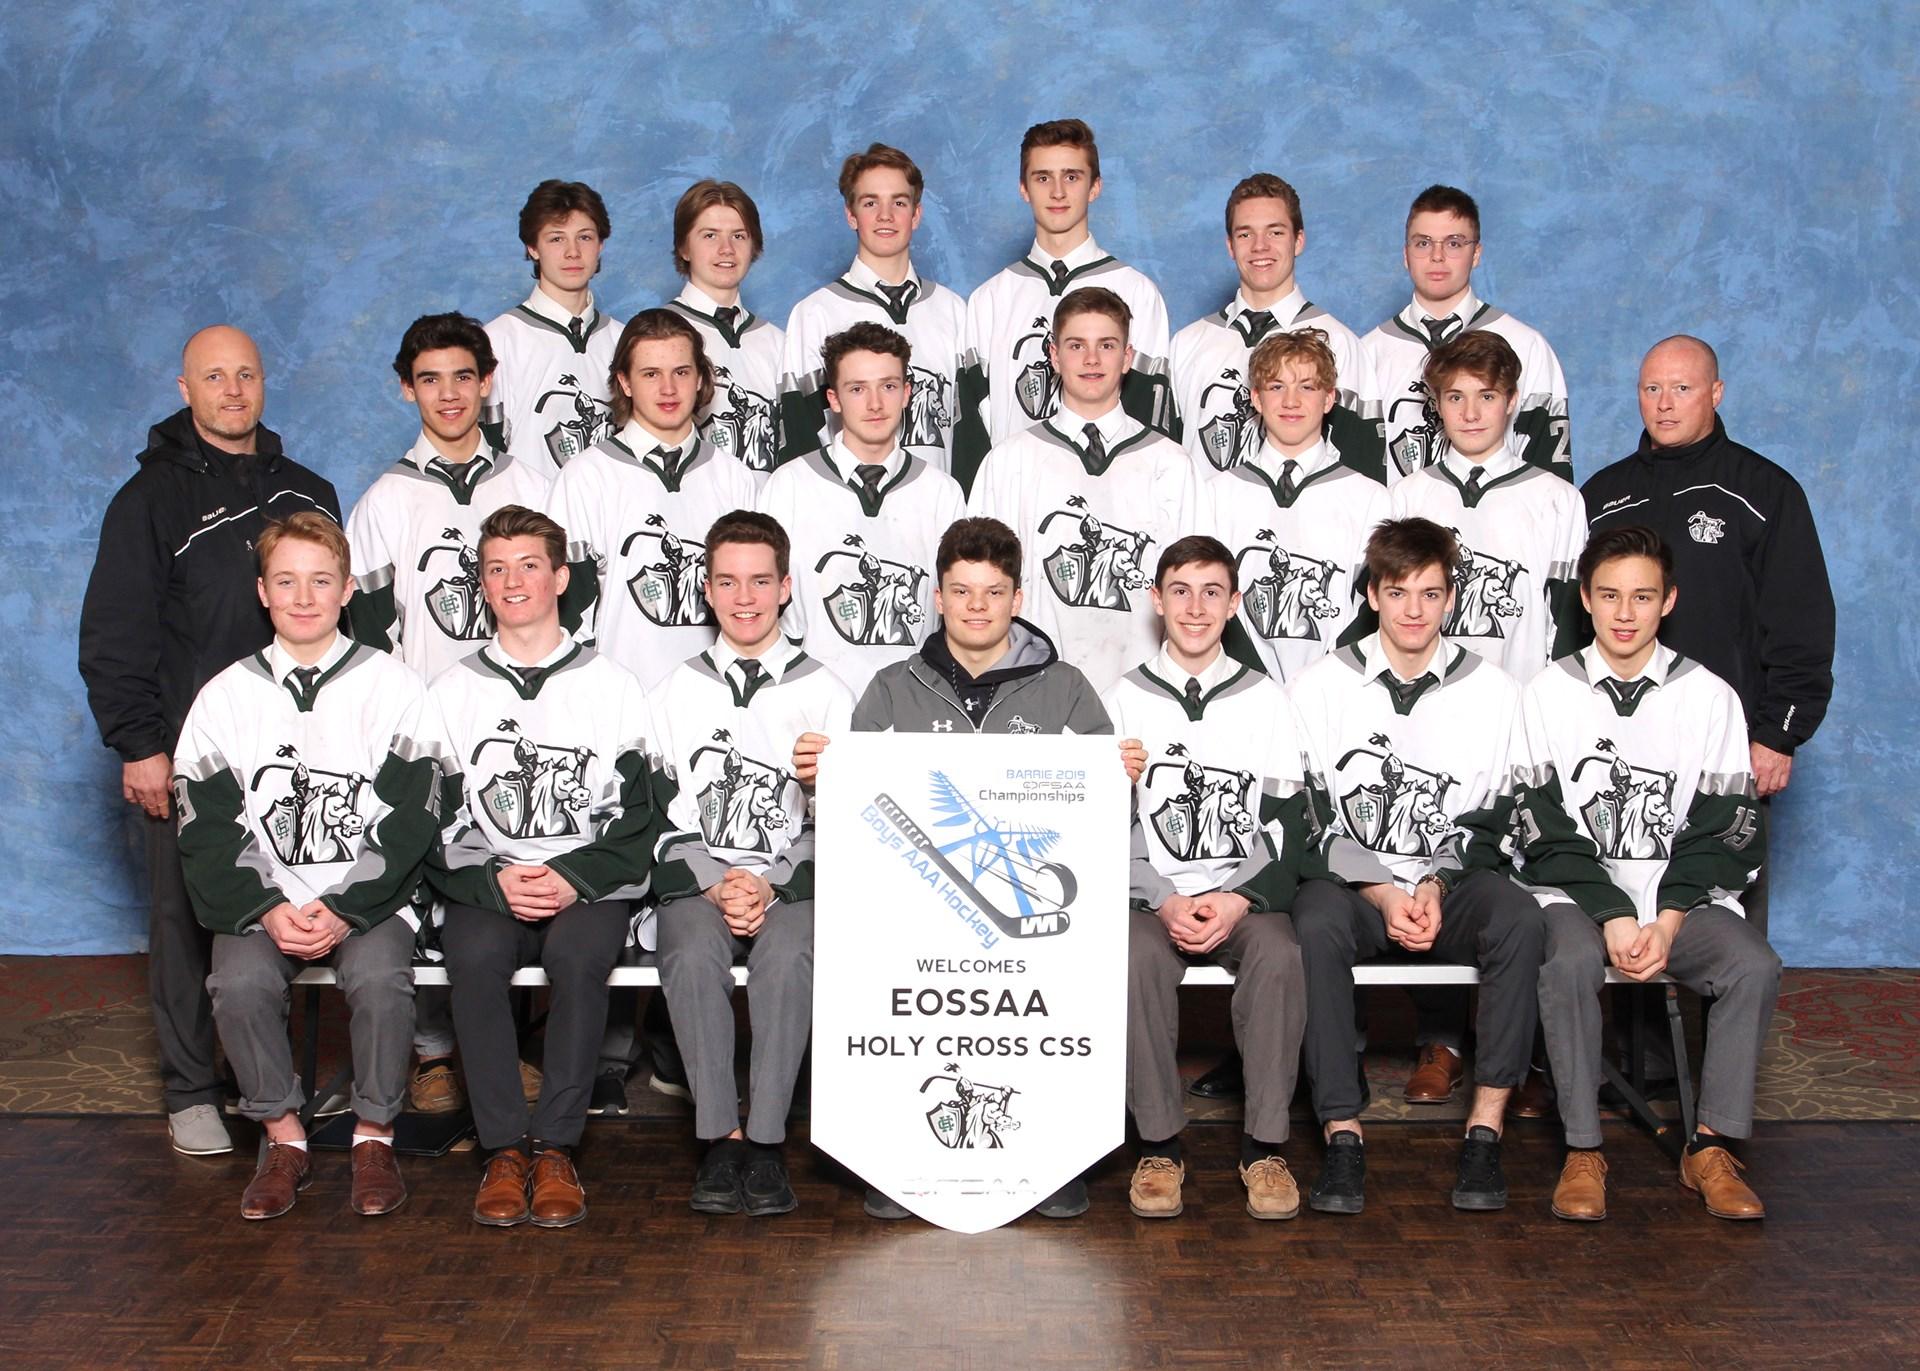 Boys Hockey - Holy Cross Catholic Secondary School